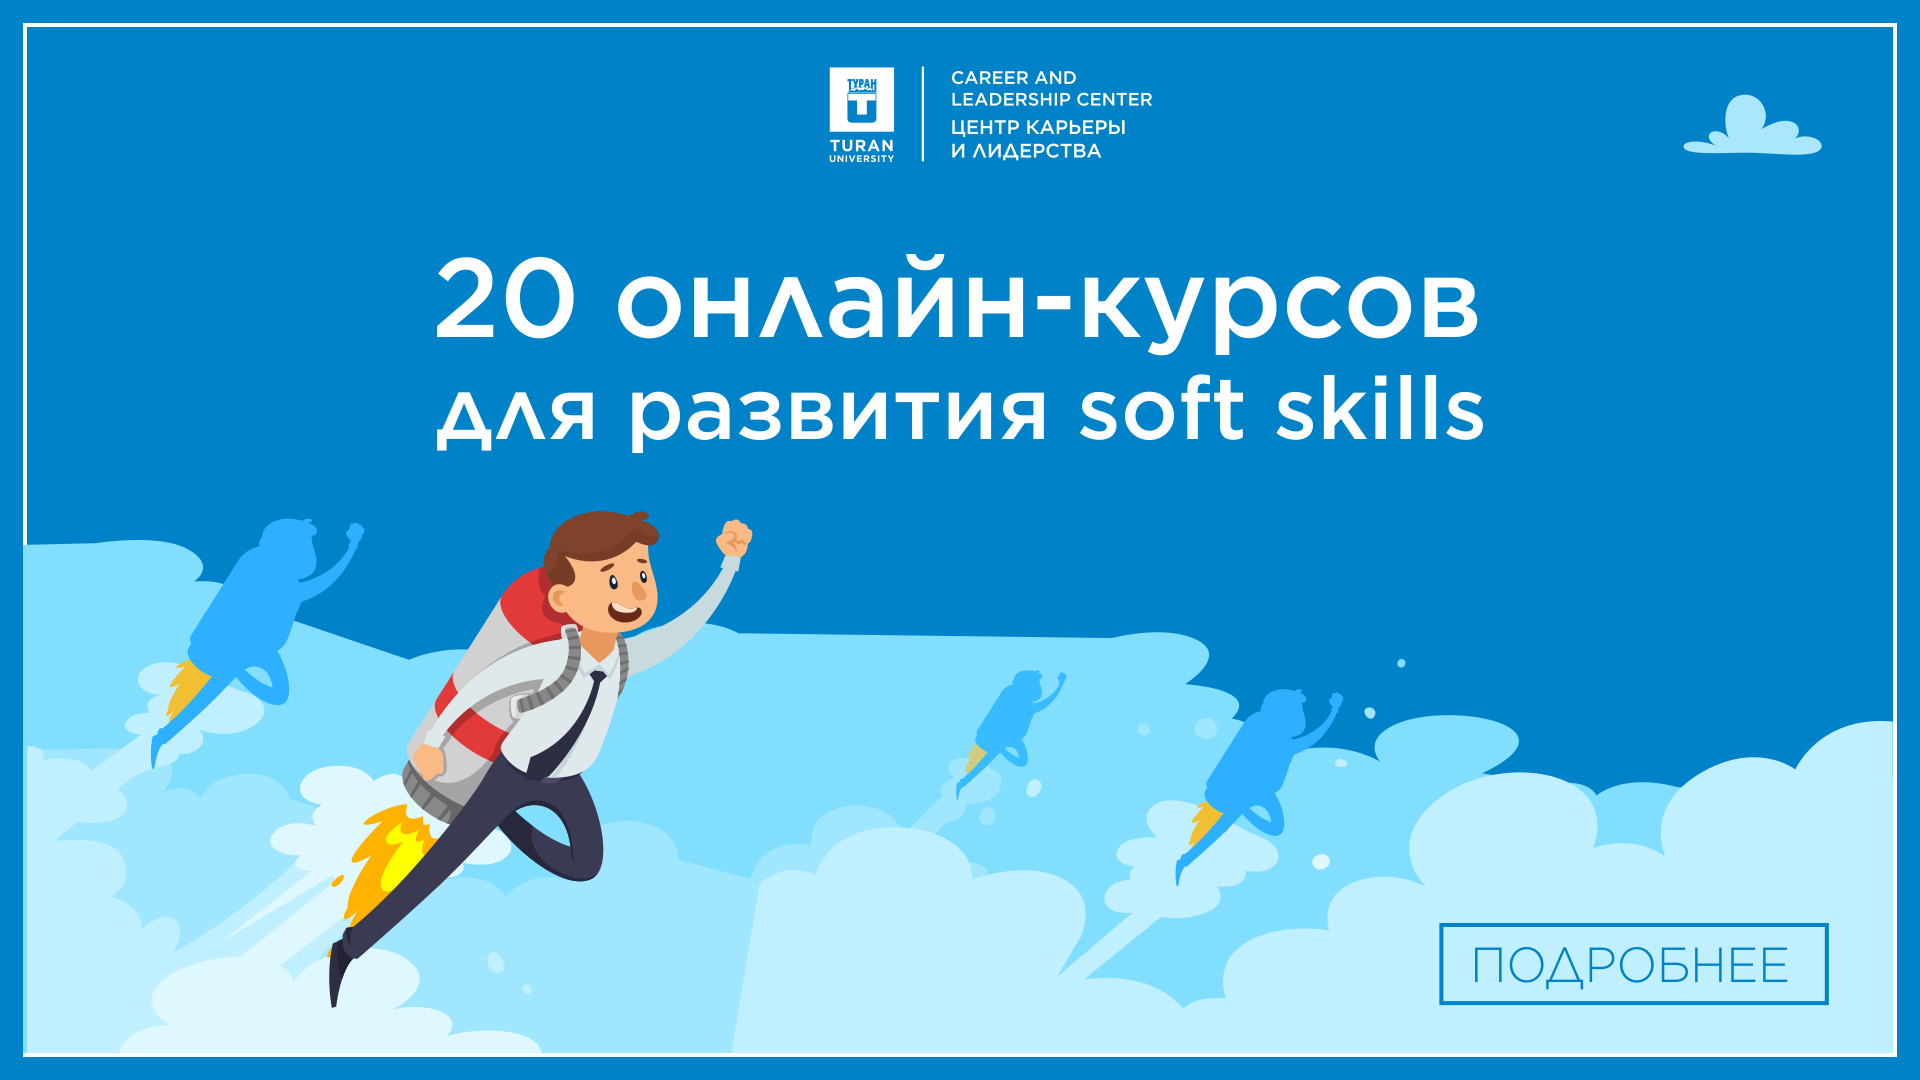 20 бесплатных онлайн-курсов для развития soft skills